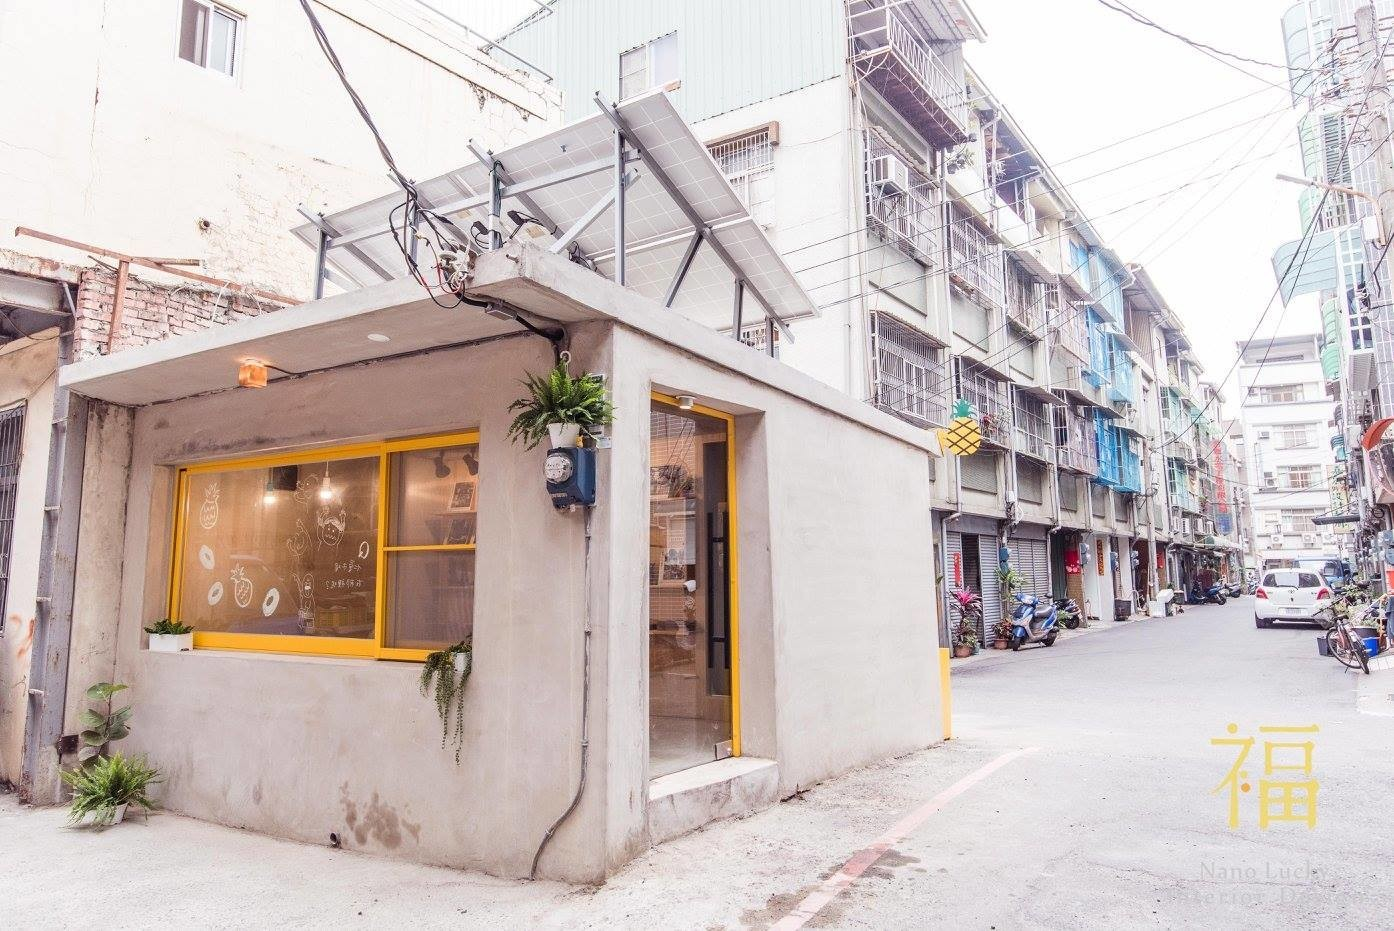 Nanolucky小福砌空間設計-鳳梨會社1.0-商空設計-社區再造-藝術櫥窗